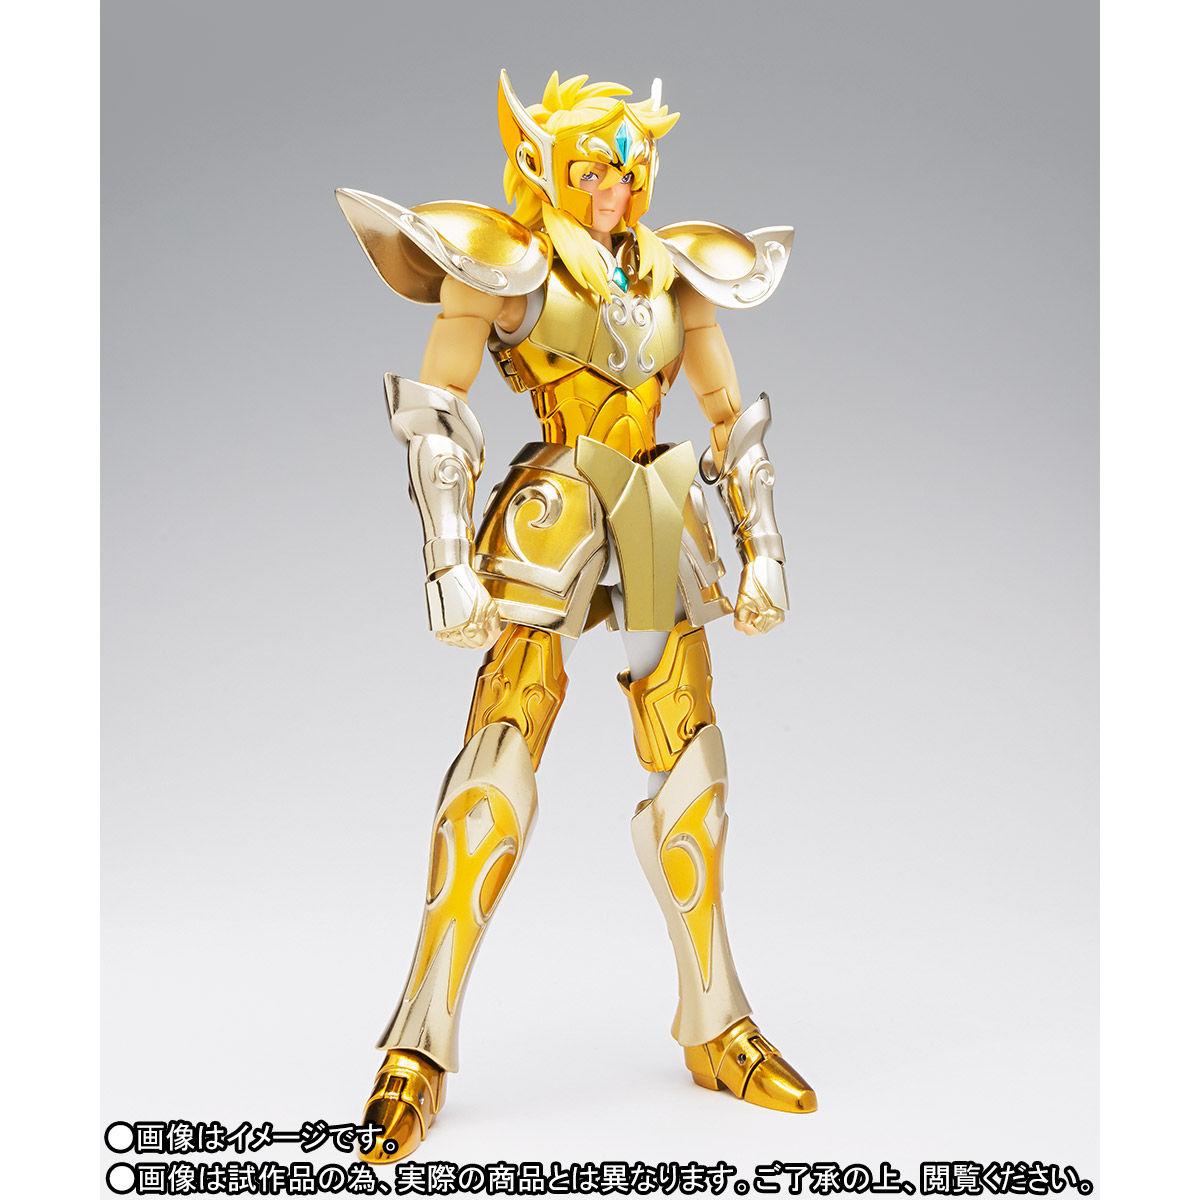 聖闘士聖衣神話EX『アクエリアス氷河』可動フィギュア-008